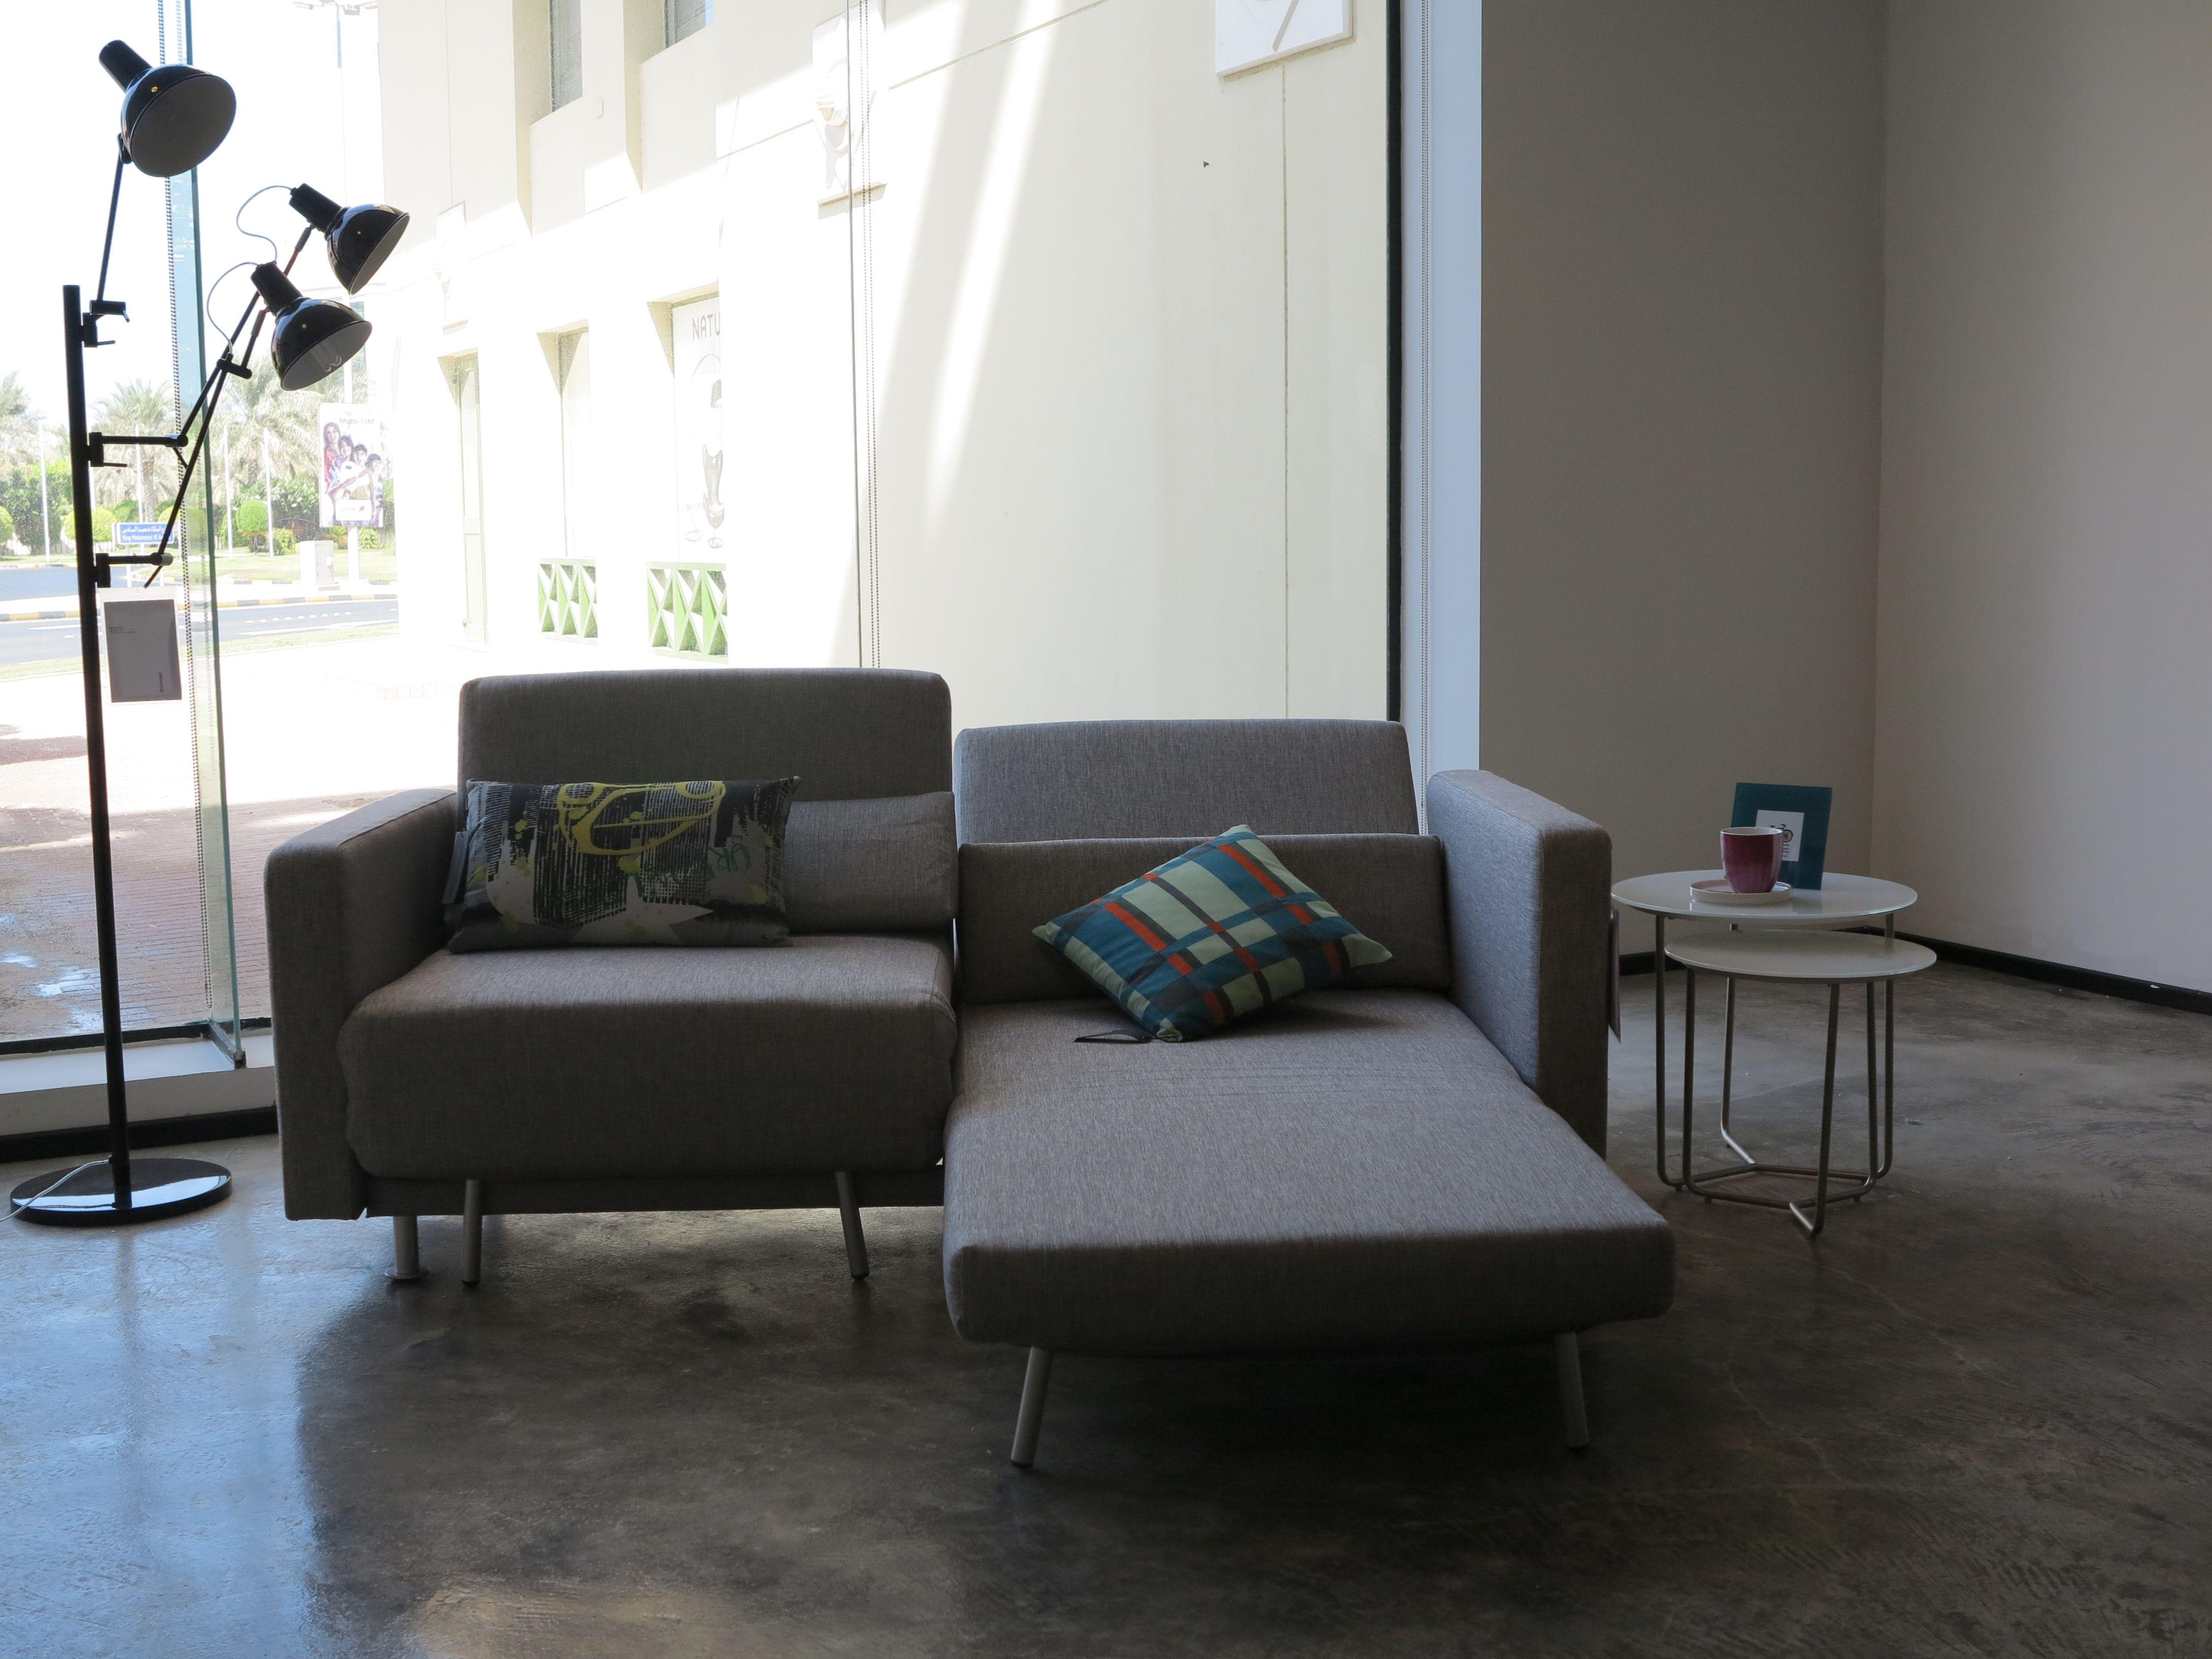 Contemporary Furniture Modern Furniture Boconcept Contemporary Furniture Boconcept Danish Furniture